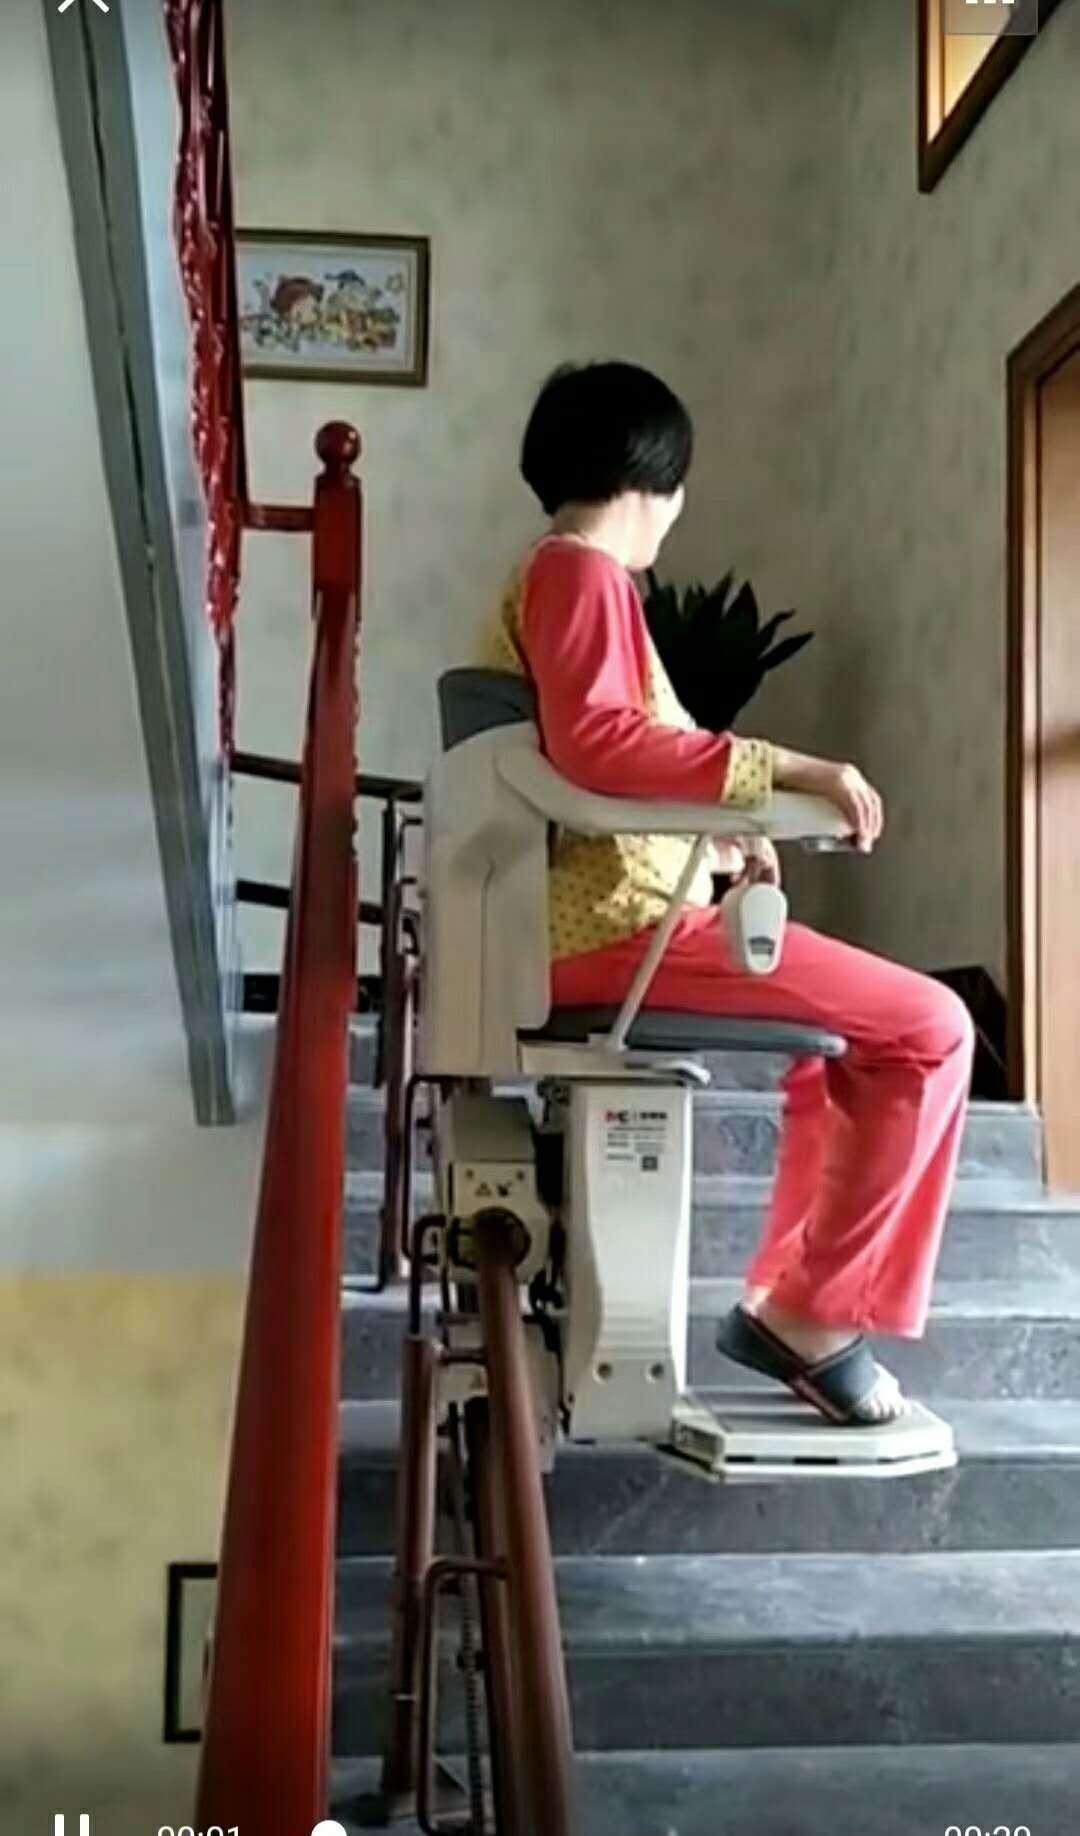 座椅电梯爬楼神器  可以拐弯 楼道代步 智能楼道代步器